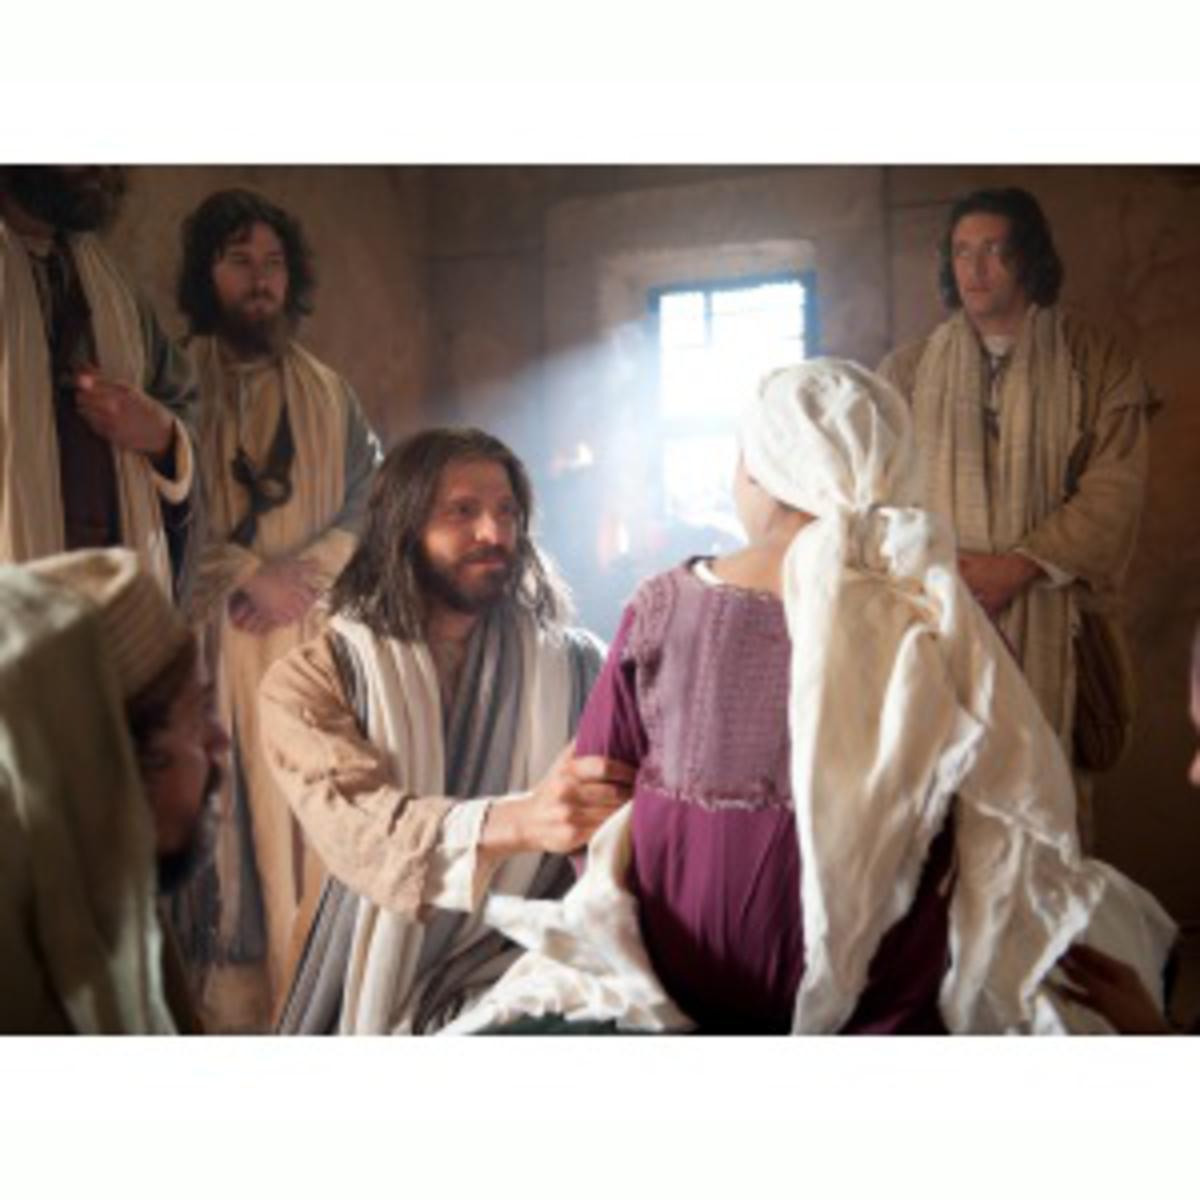 Jesus raising the dead